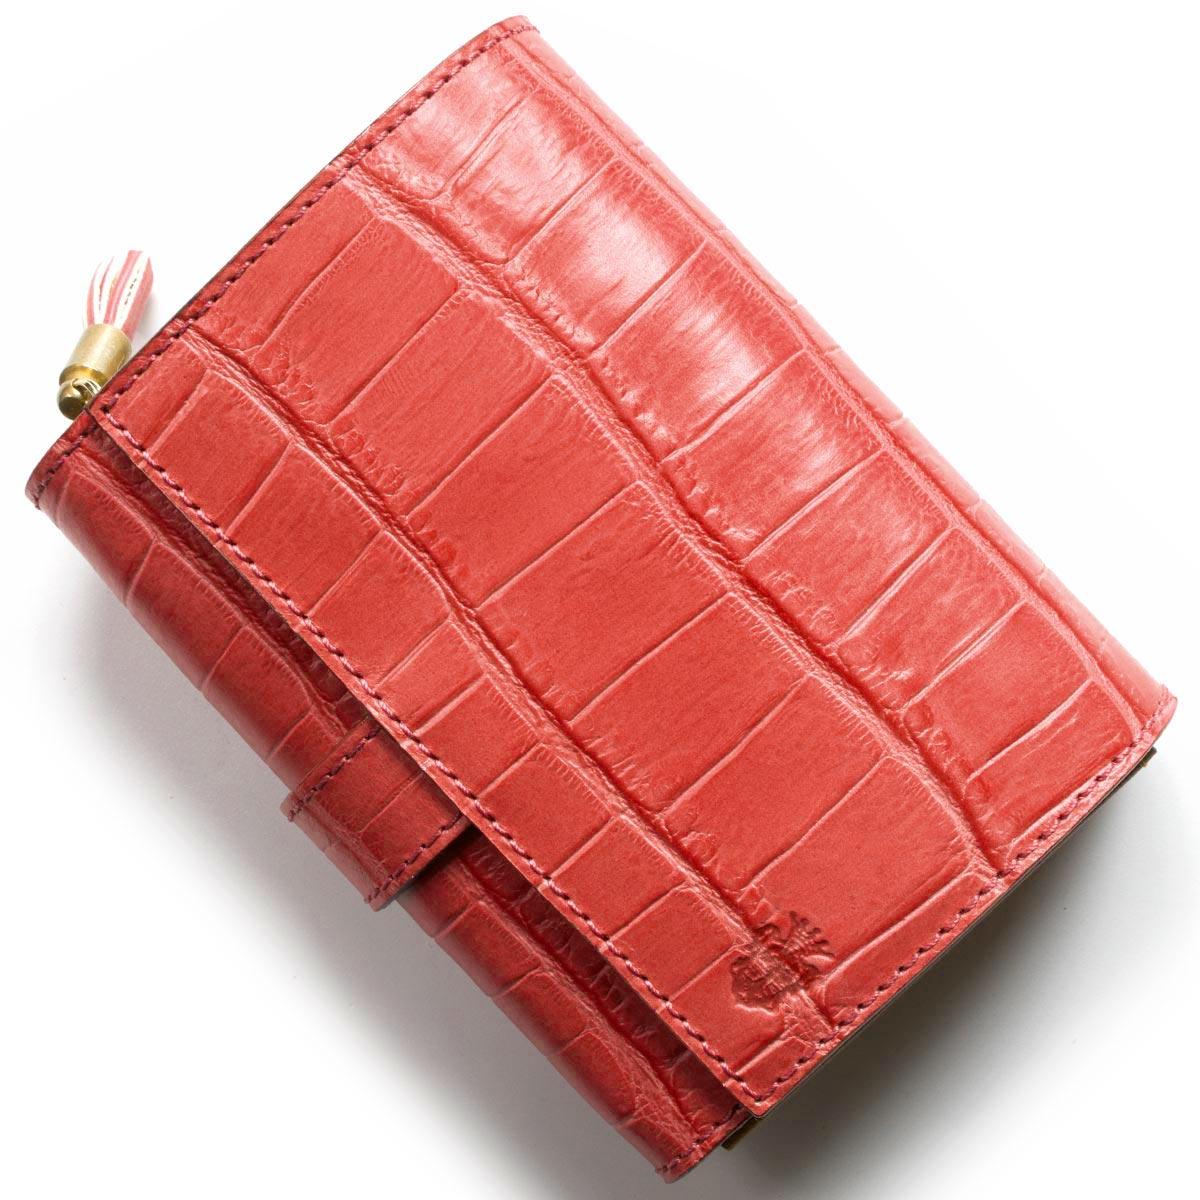 フェリージ 二つ折り財布 財布 レディース クロコ型押し フクシアピンク 3500 SA 0031 FELISI